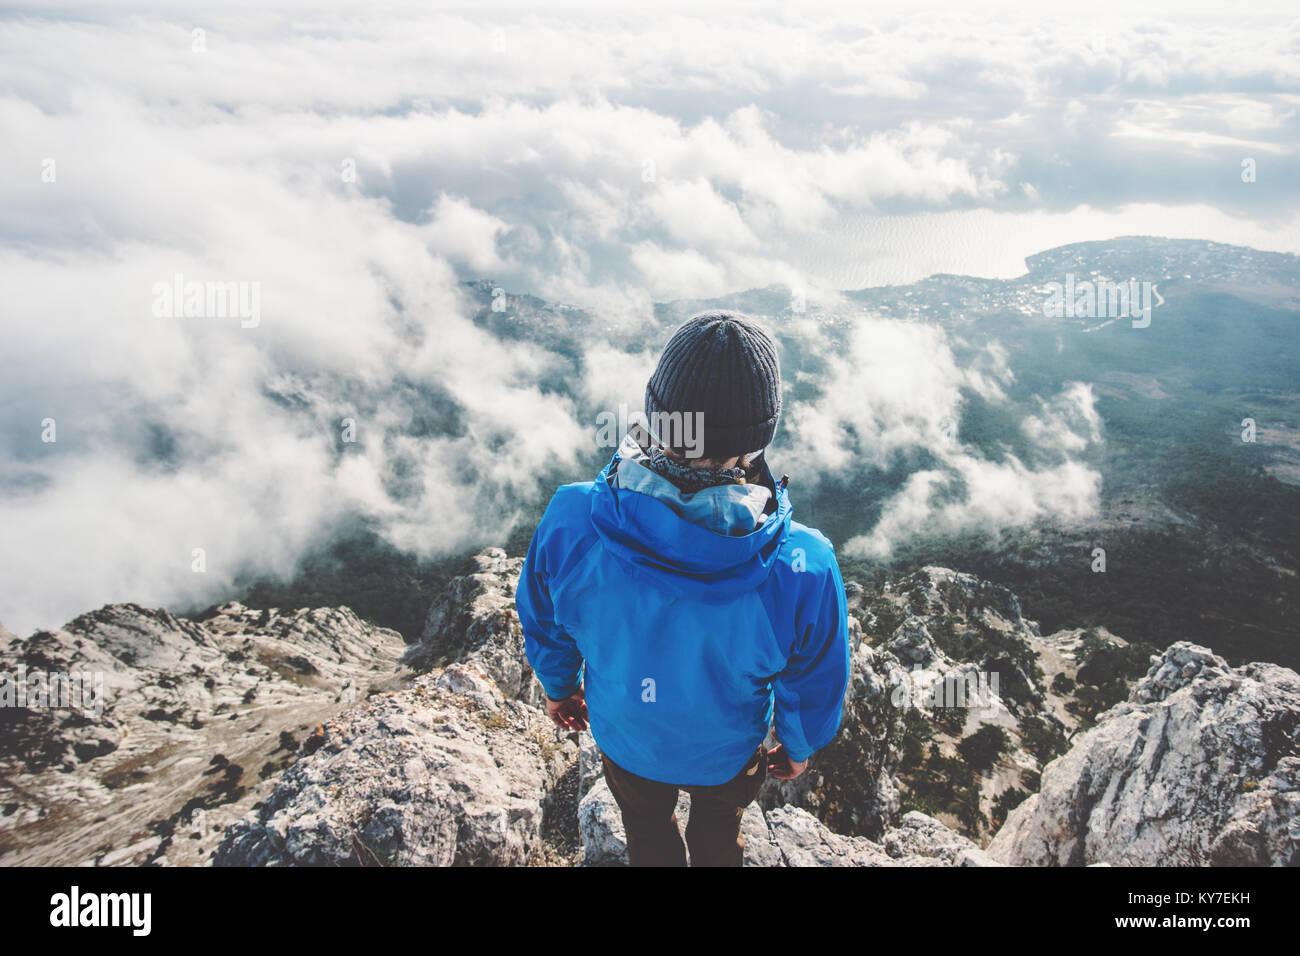 Man on mountain cliff bénéficiant vue aérienne au-dessus des nuages voyage seul concept de style Photo Stock